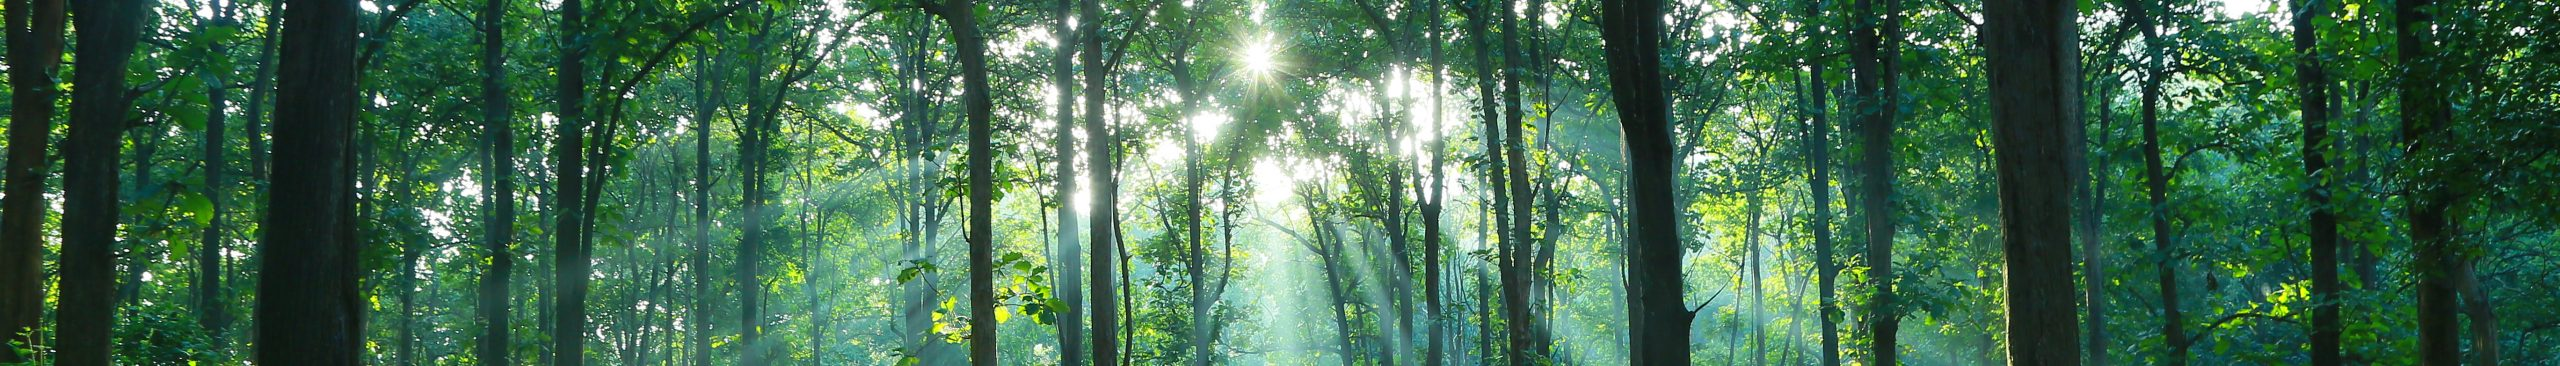 Teak Forest Lights